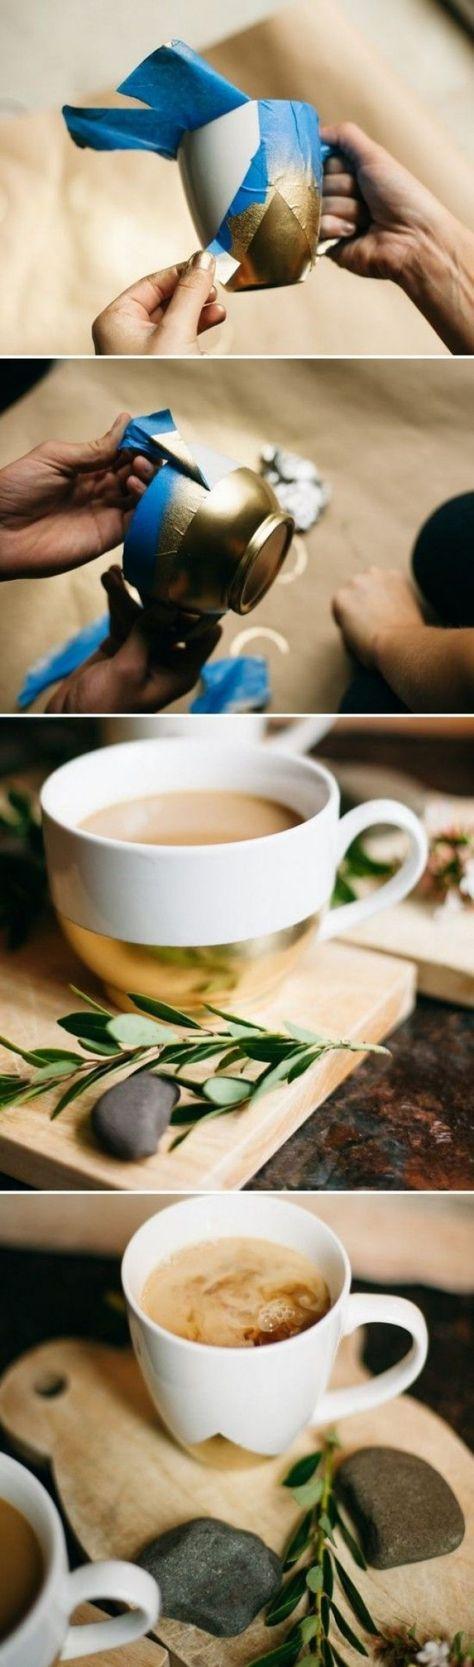 Avec du masking tape, formez un triangle à la base de votre tasse, vaporisez de la peinture en bombe dorée ou argentée, et retirez le scotch (masking tape), effet garanti !